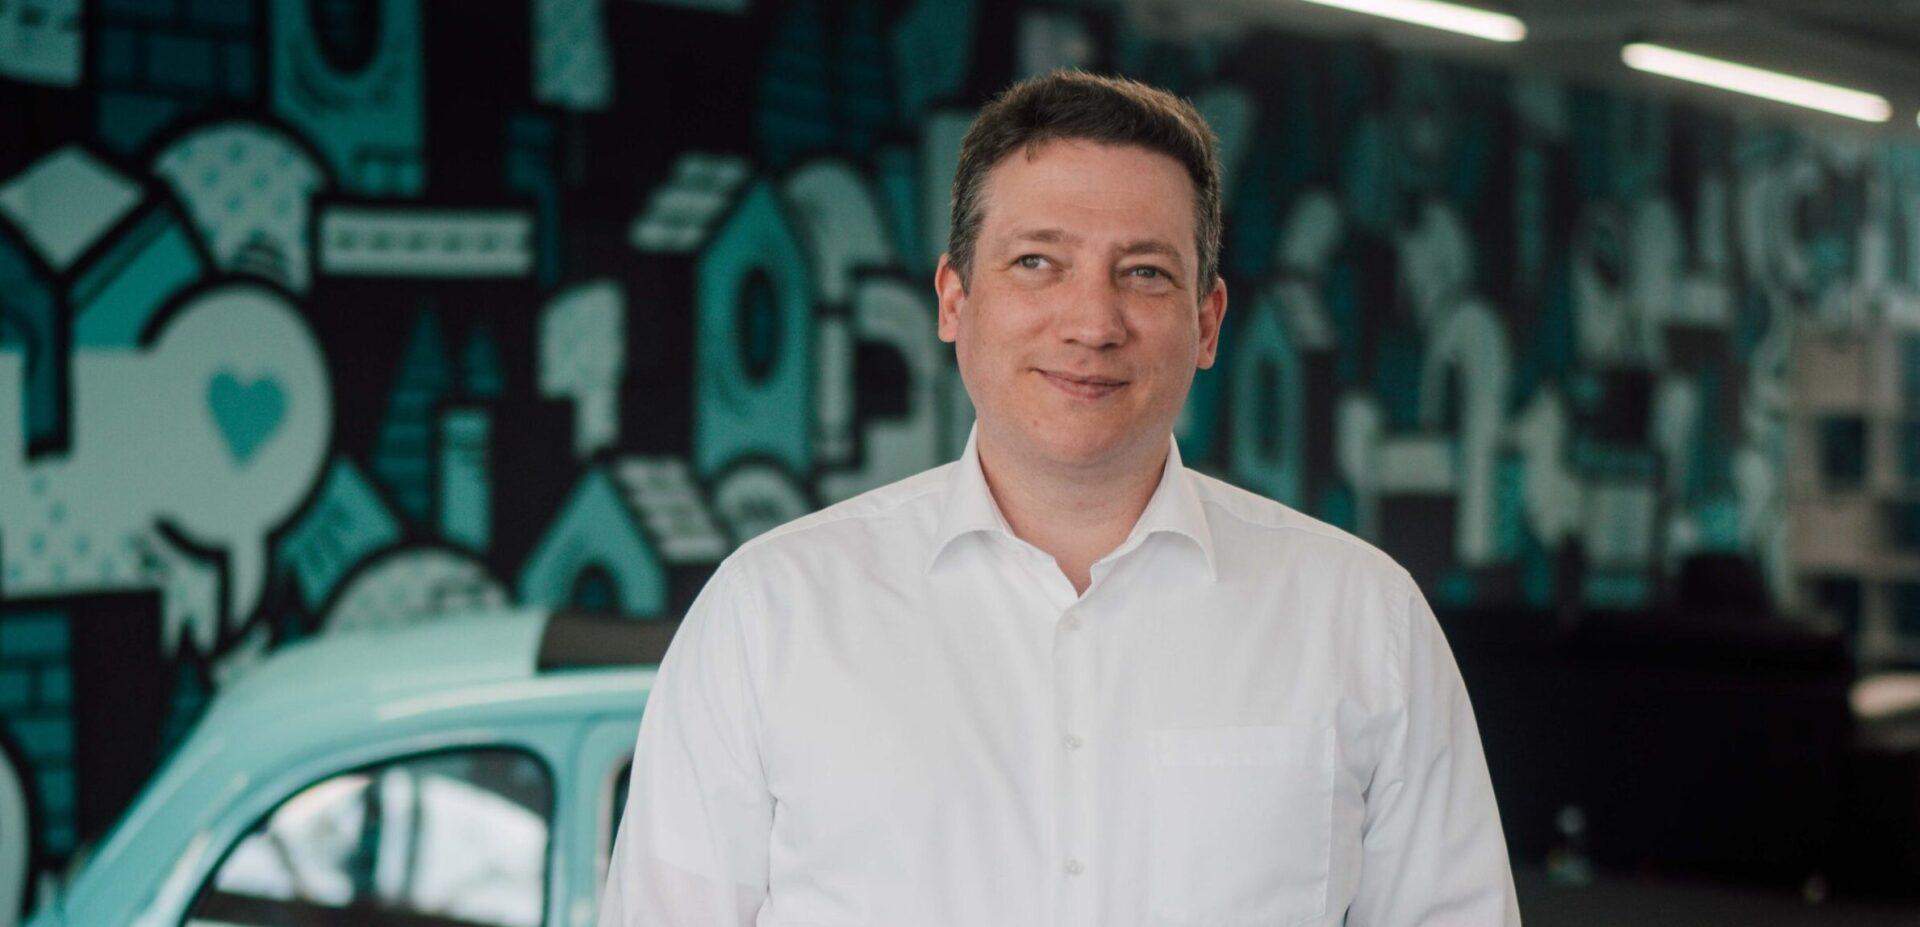 ads&figures Mitarbeiter Dieter Fassbender im Büro